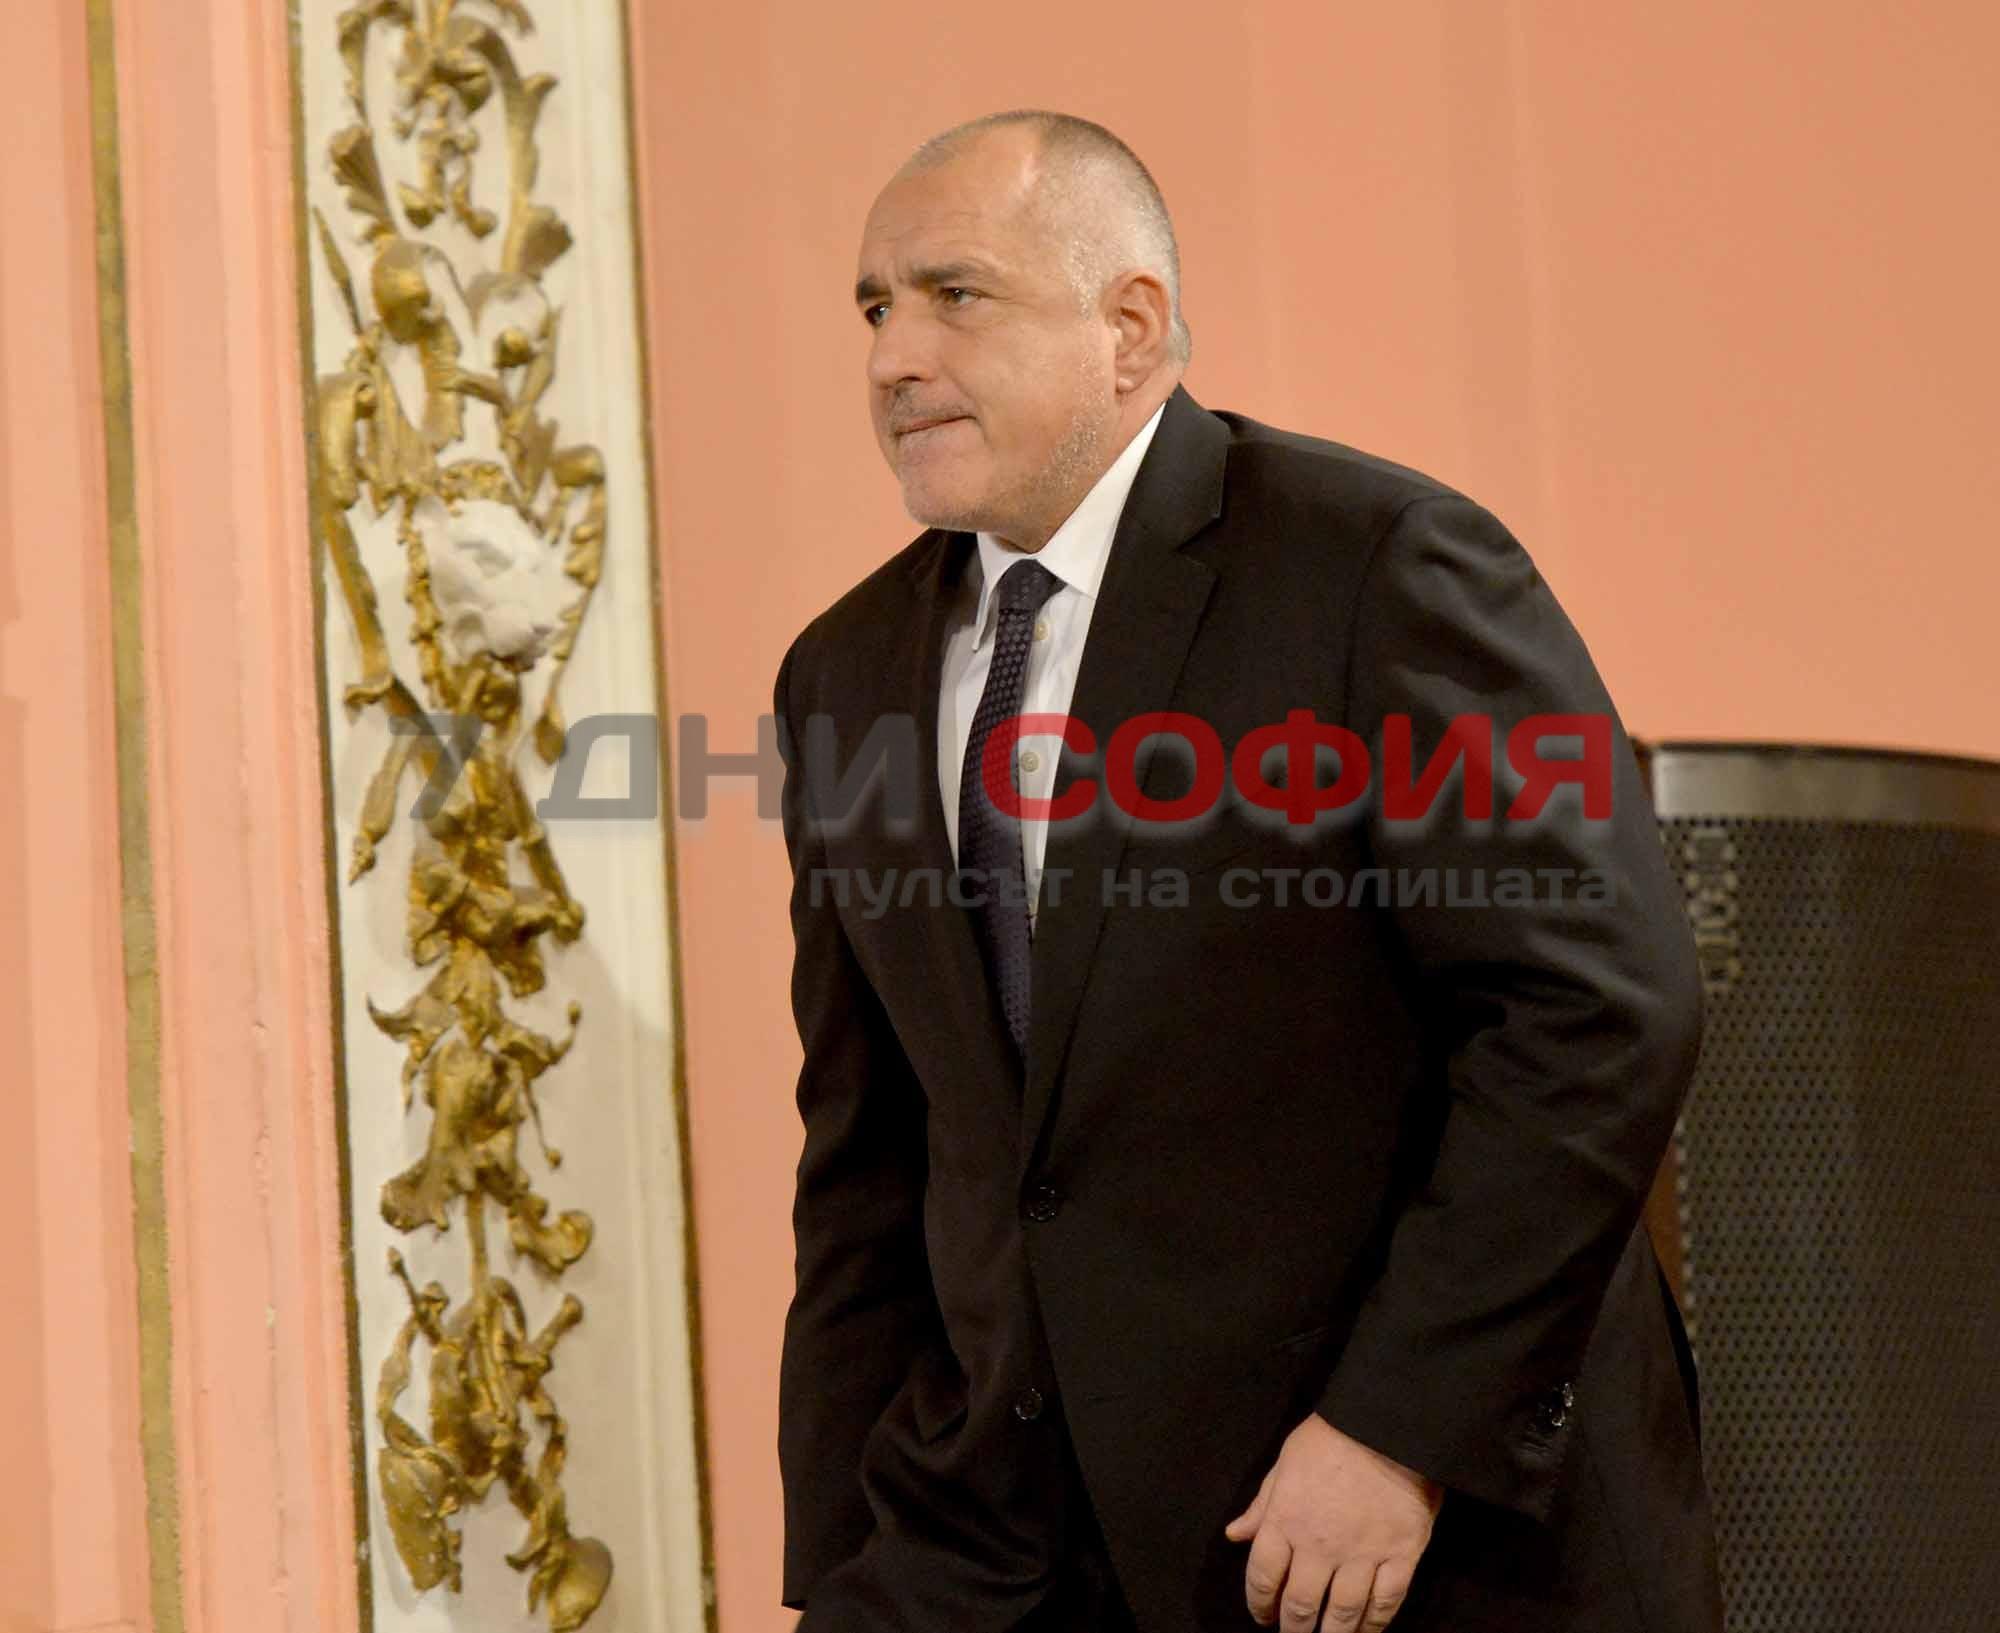 Министър-председателят БойкоБорисов поздрави президента Владимир Путин за преизбирането мукато държавен